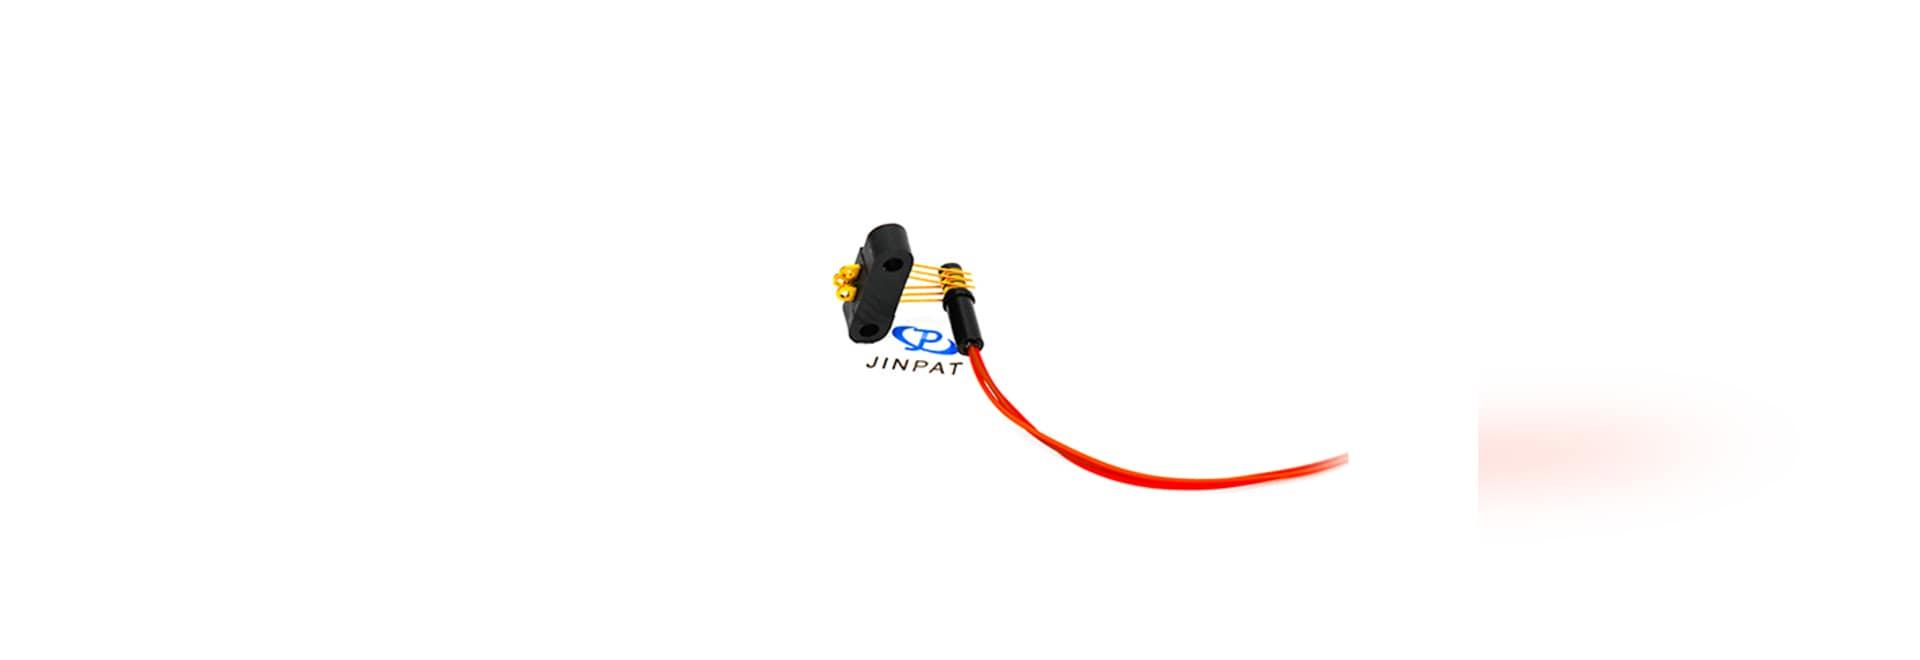 Anwendung von JINPAT-Schleifringen in UAV-Luftbildkamera